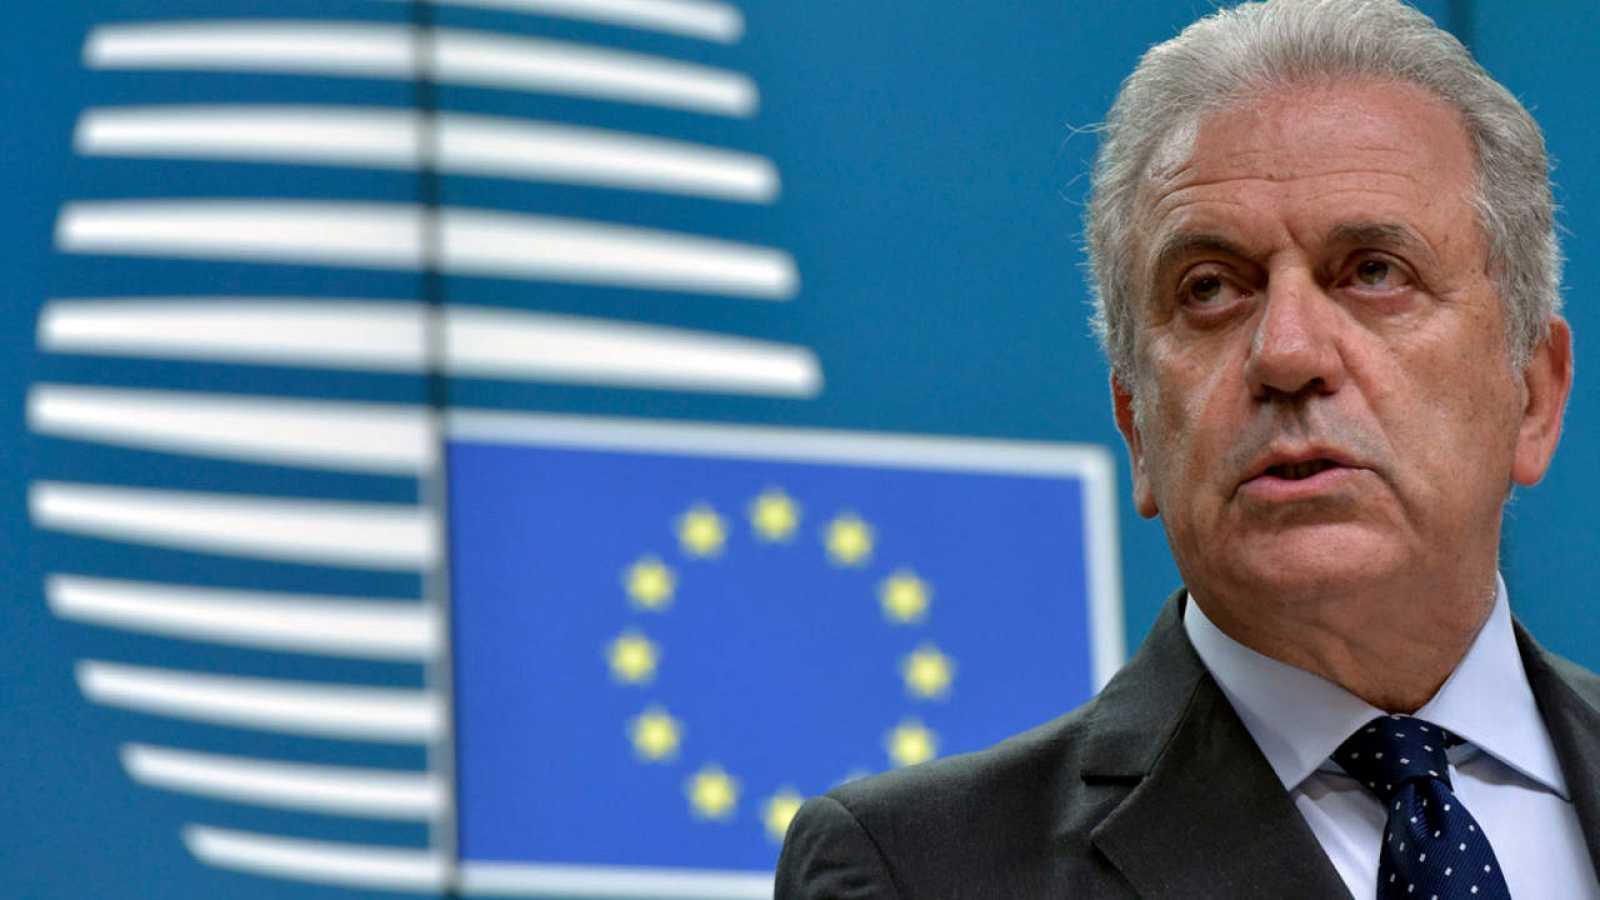 El comisario europeo para las Migraciones, Dimitris Avramopoulo, durante la rueda de prensa posterior a la reunión en Bruselas.